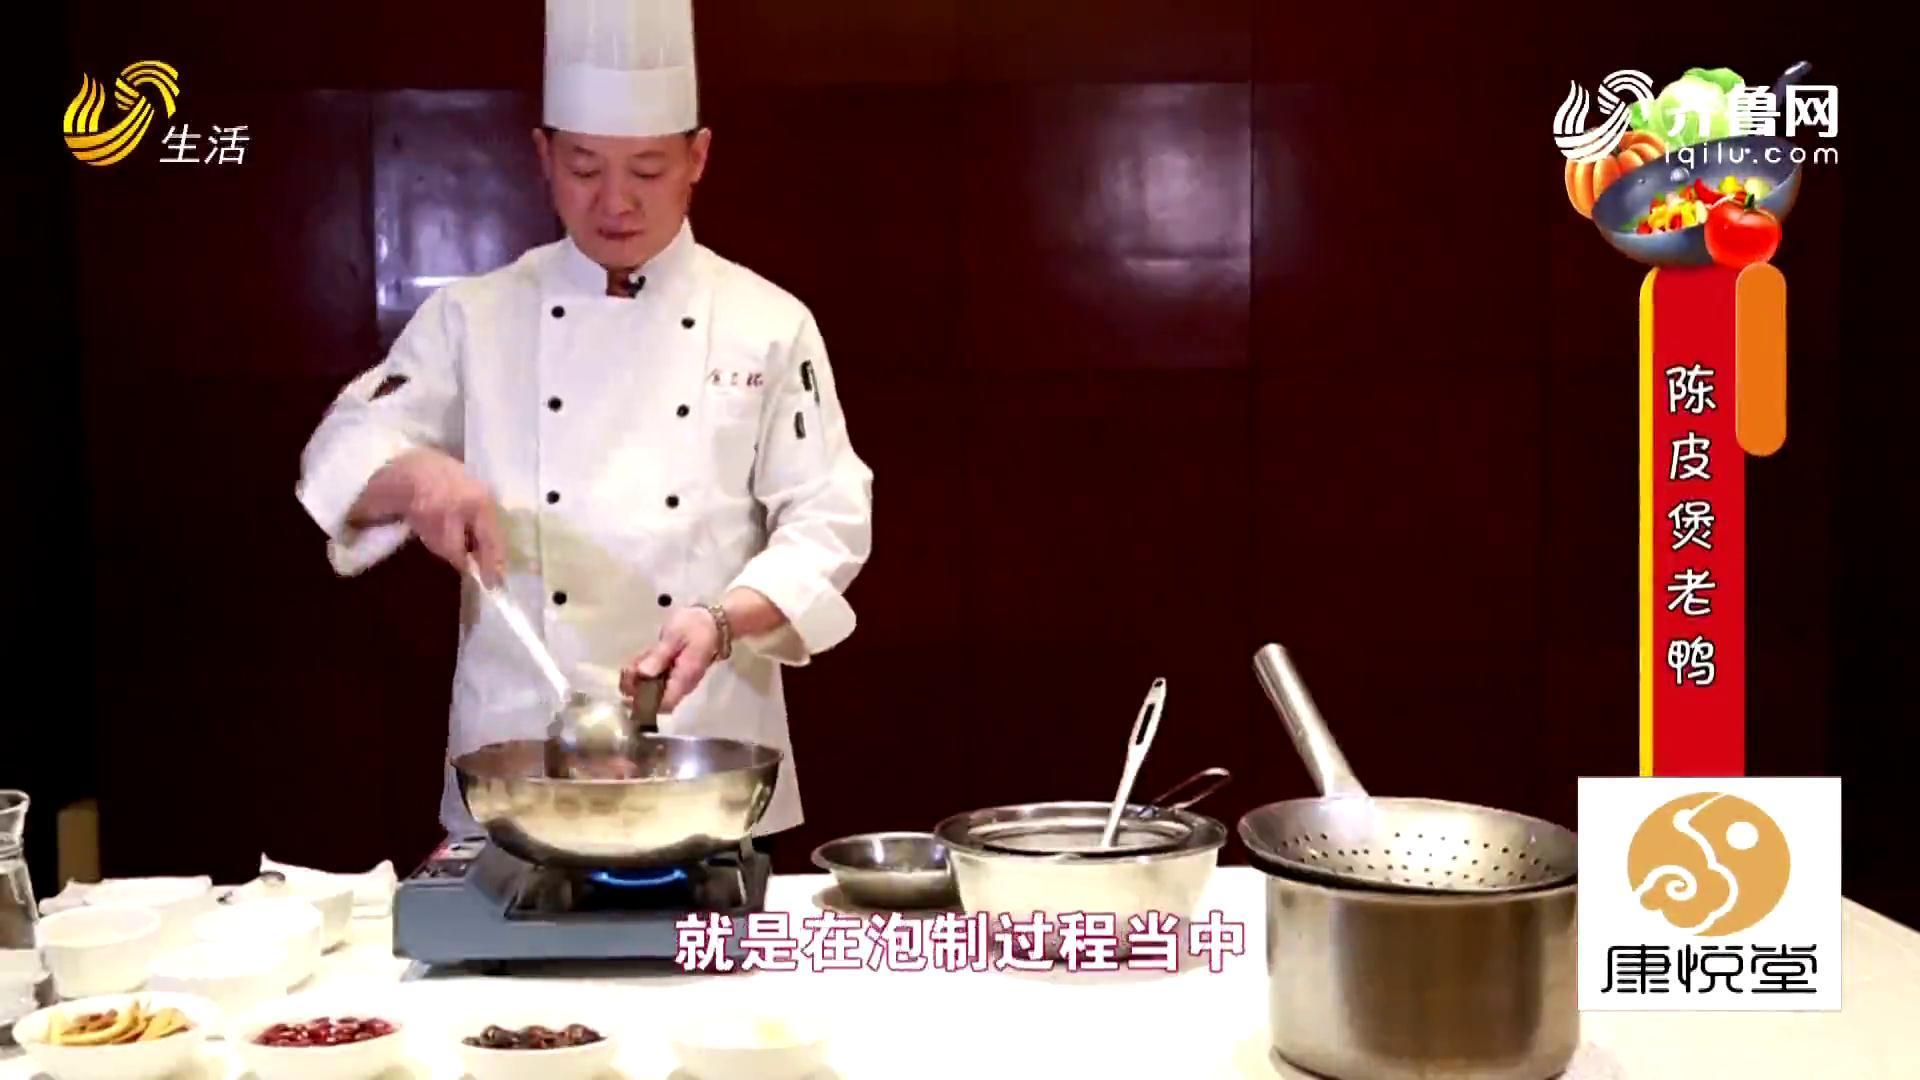 非尝美食:陈皮煲老鸭